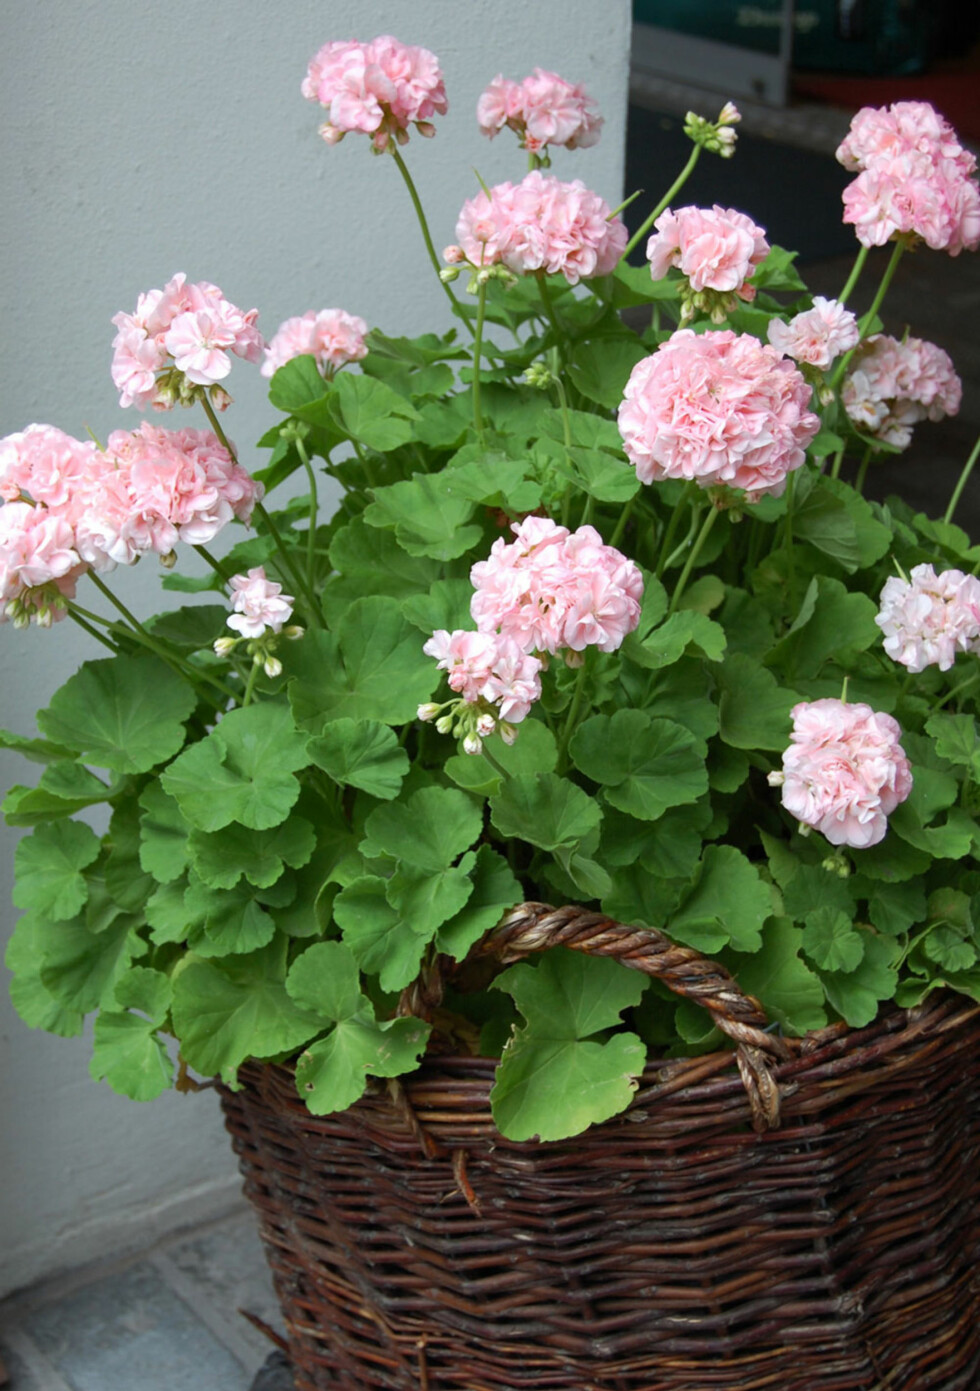 LETTSTELT: Pelargonium er en populær prydplante